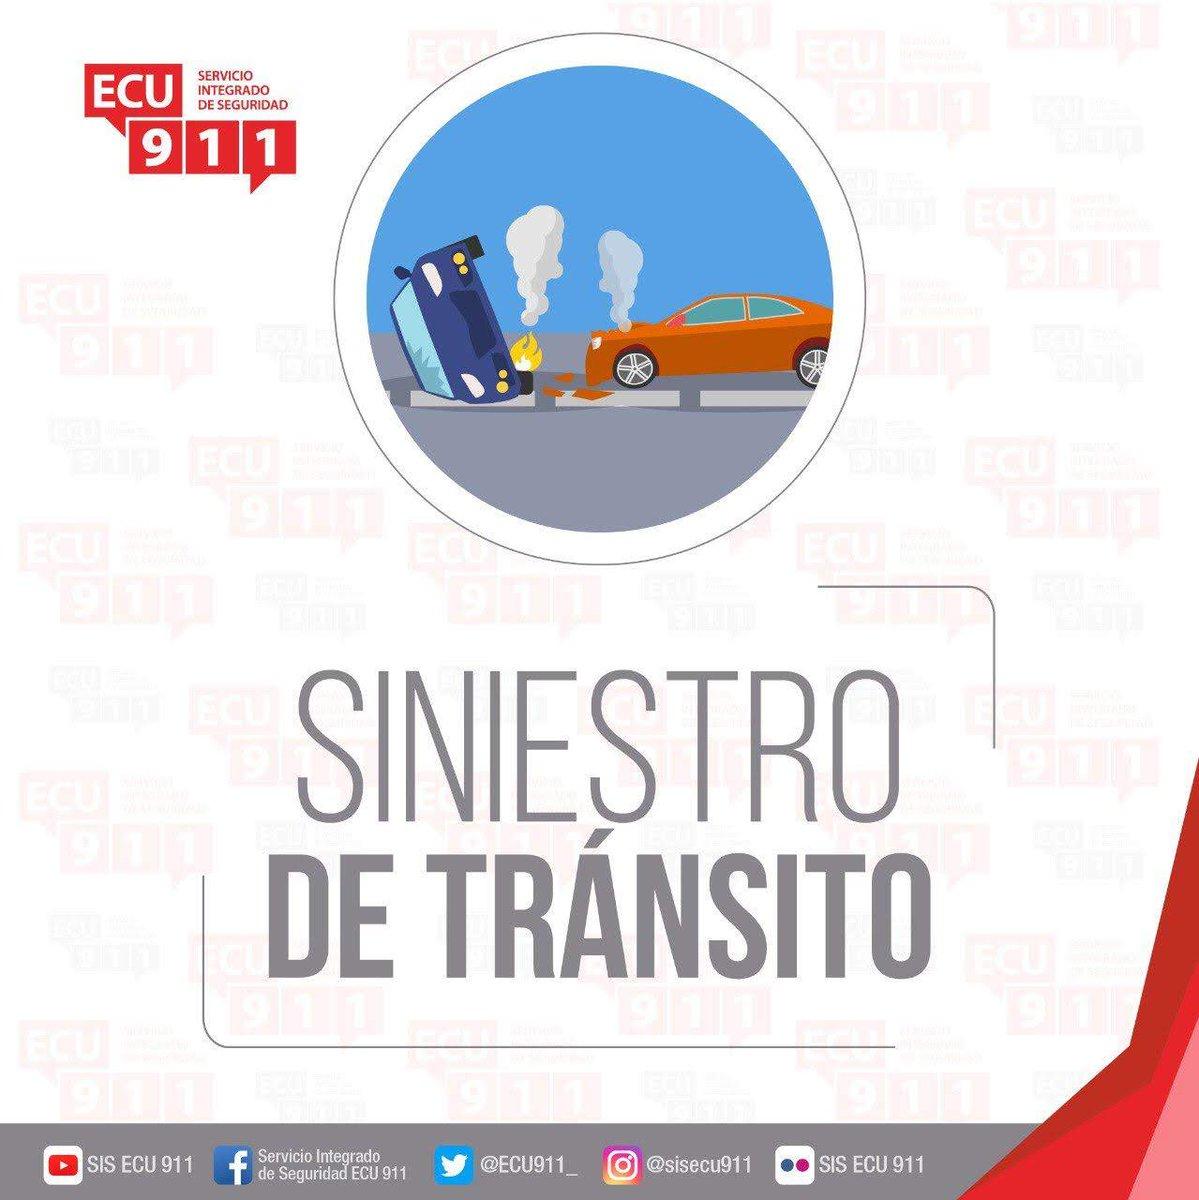 #ECU911Reporta  Se registró una alerta de siniestro de tránsito en #ElTriunfo, vía a Bucay, Recinto La Matilde. Se coordina atención con @CTEcuador y @Salud_CZ5pic.twitter.com/Pj4E3RYkEt